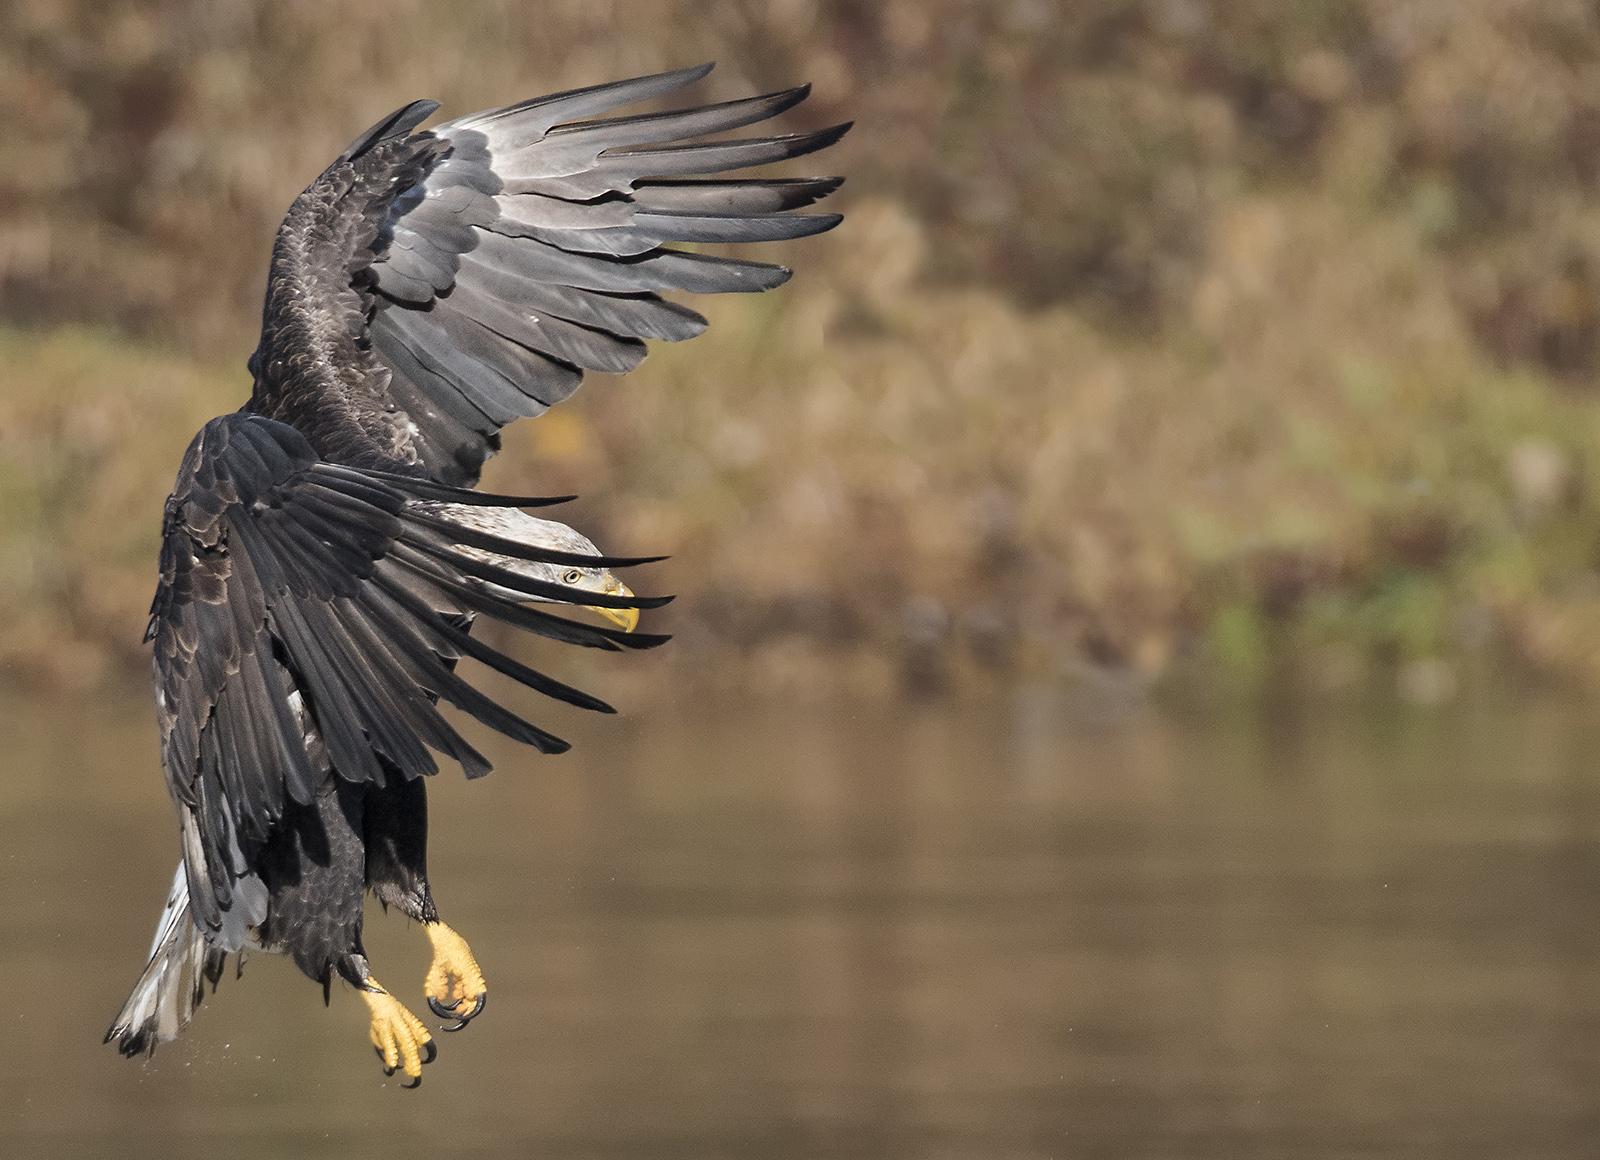 i+see+the+eye+of+the+bald+eagle+(1).jpg